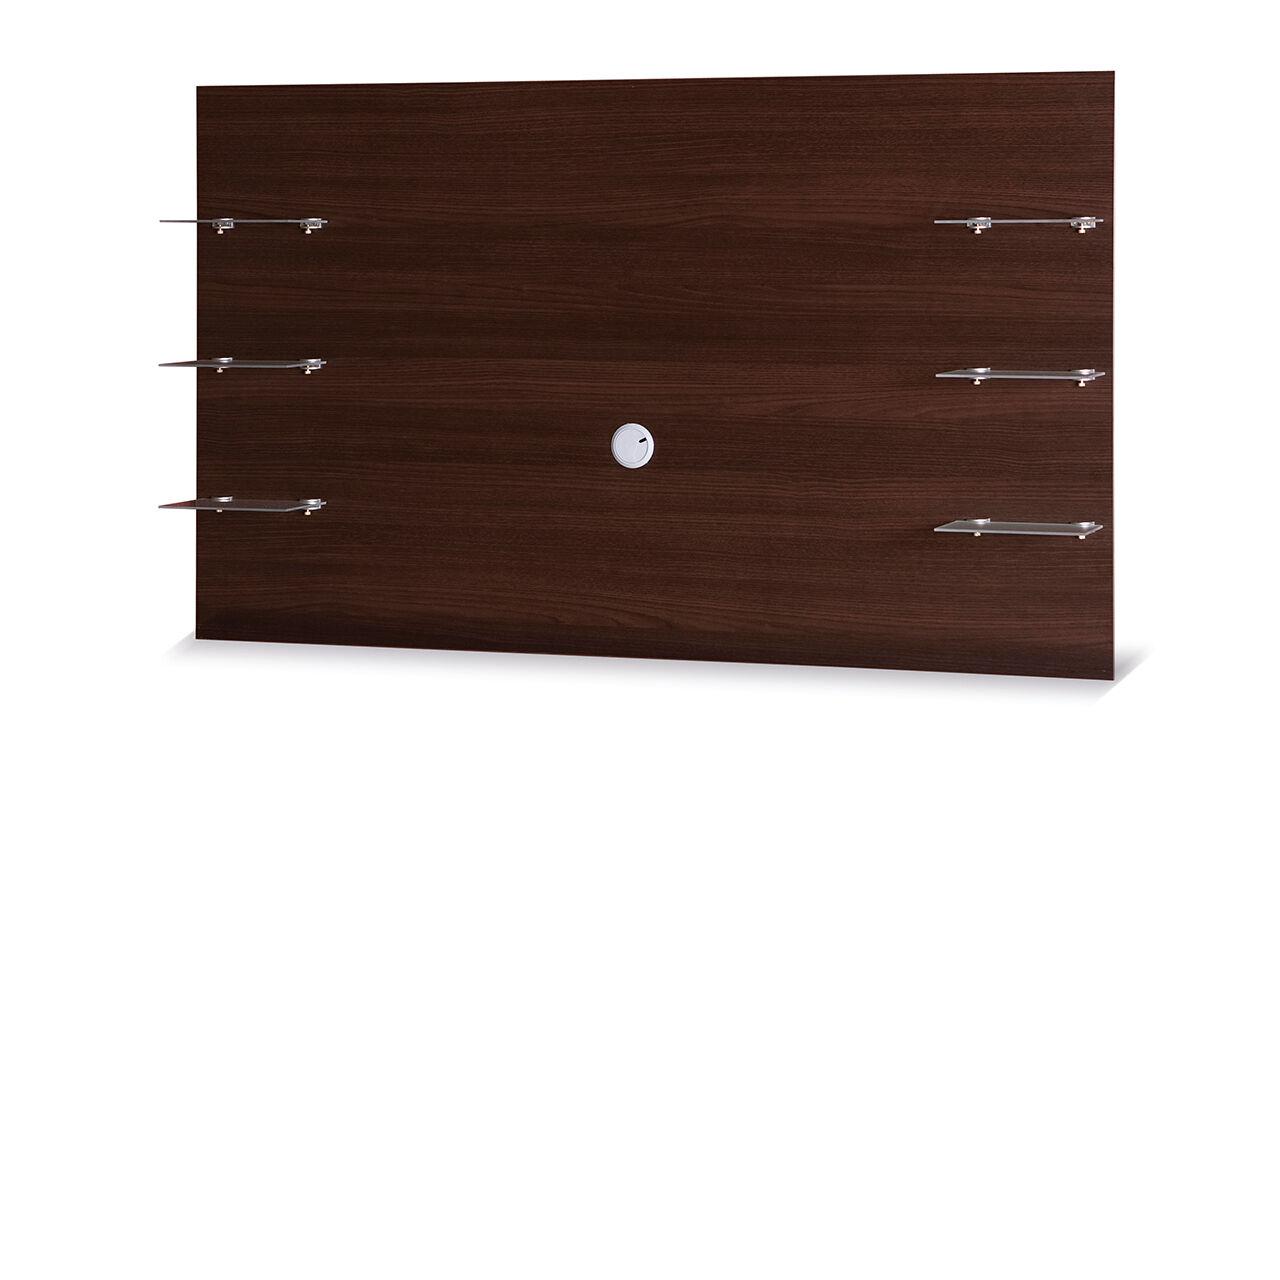 Paneelwand Maximus MX29 TV Möbel Wandpanel 4-Farben Praktisch Wandmöbel